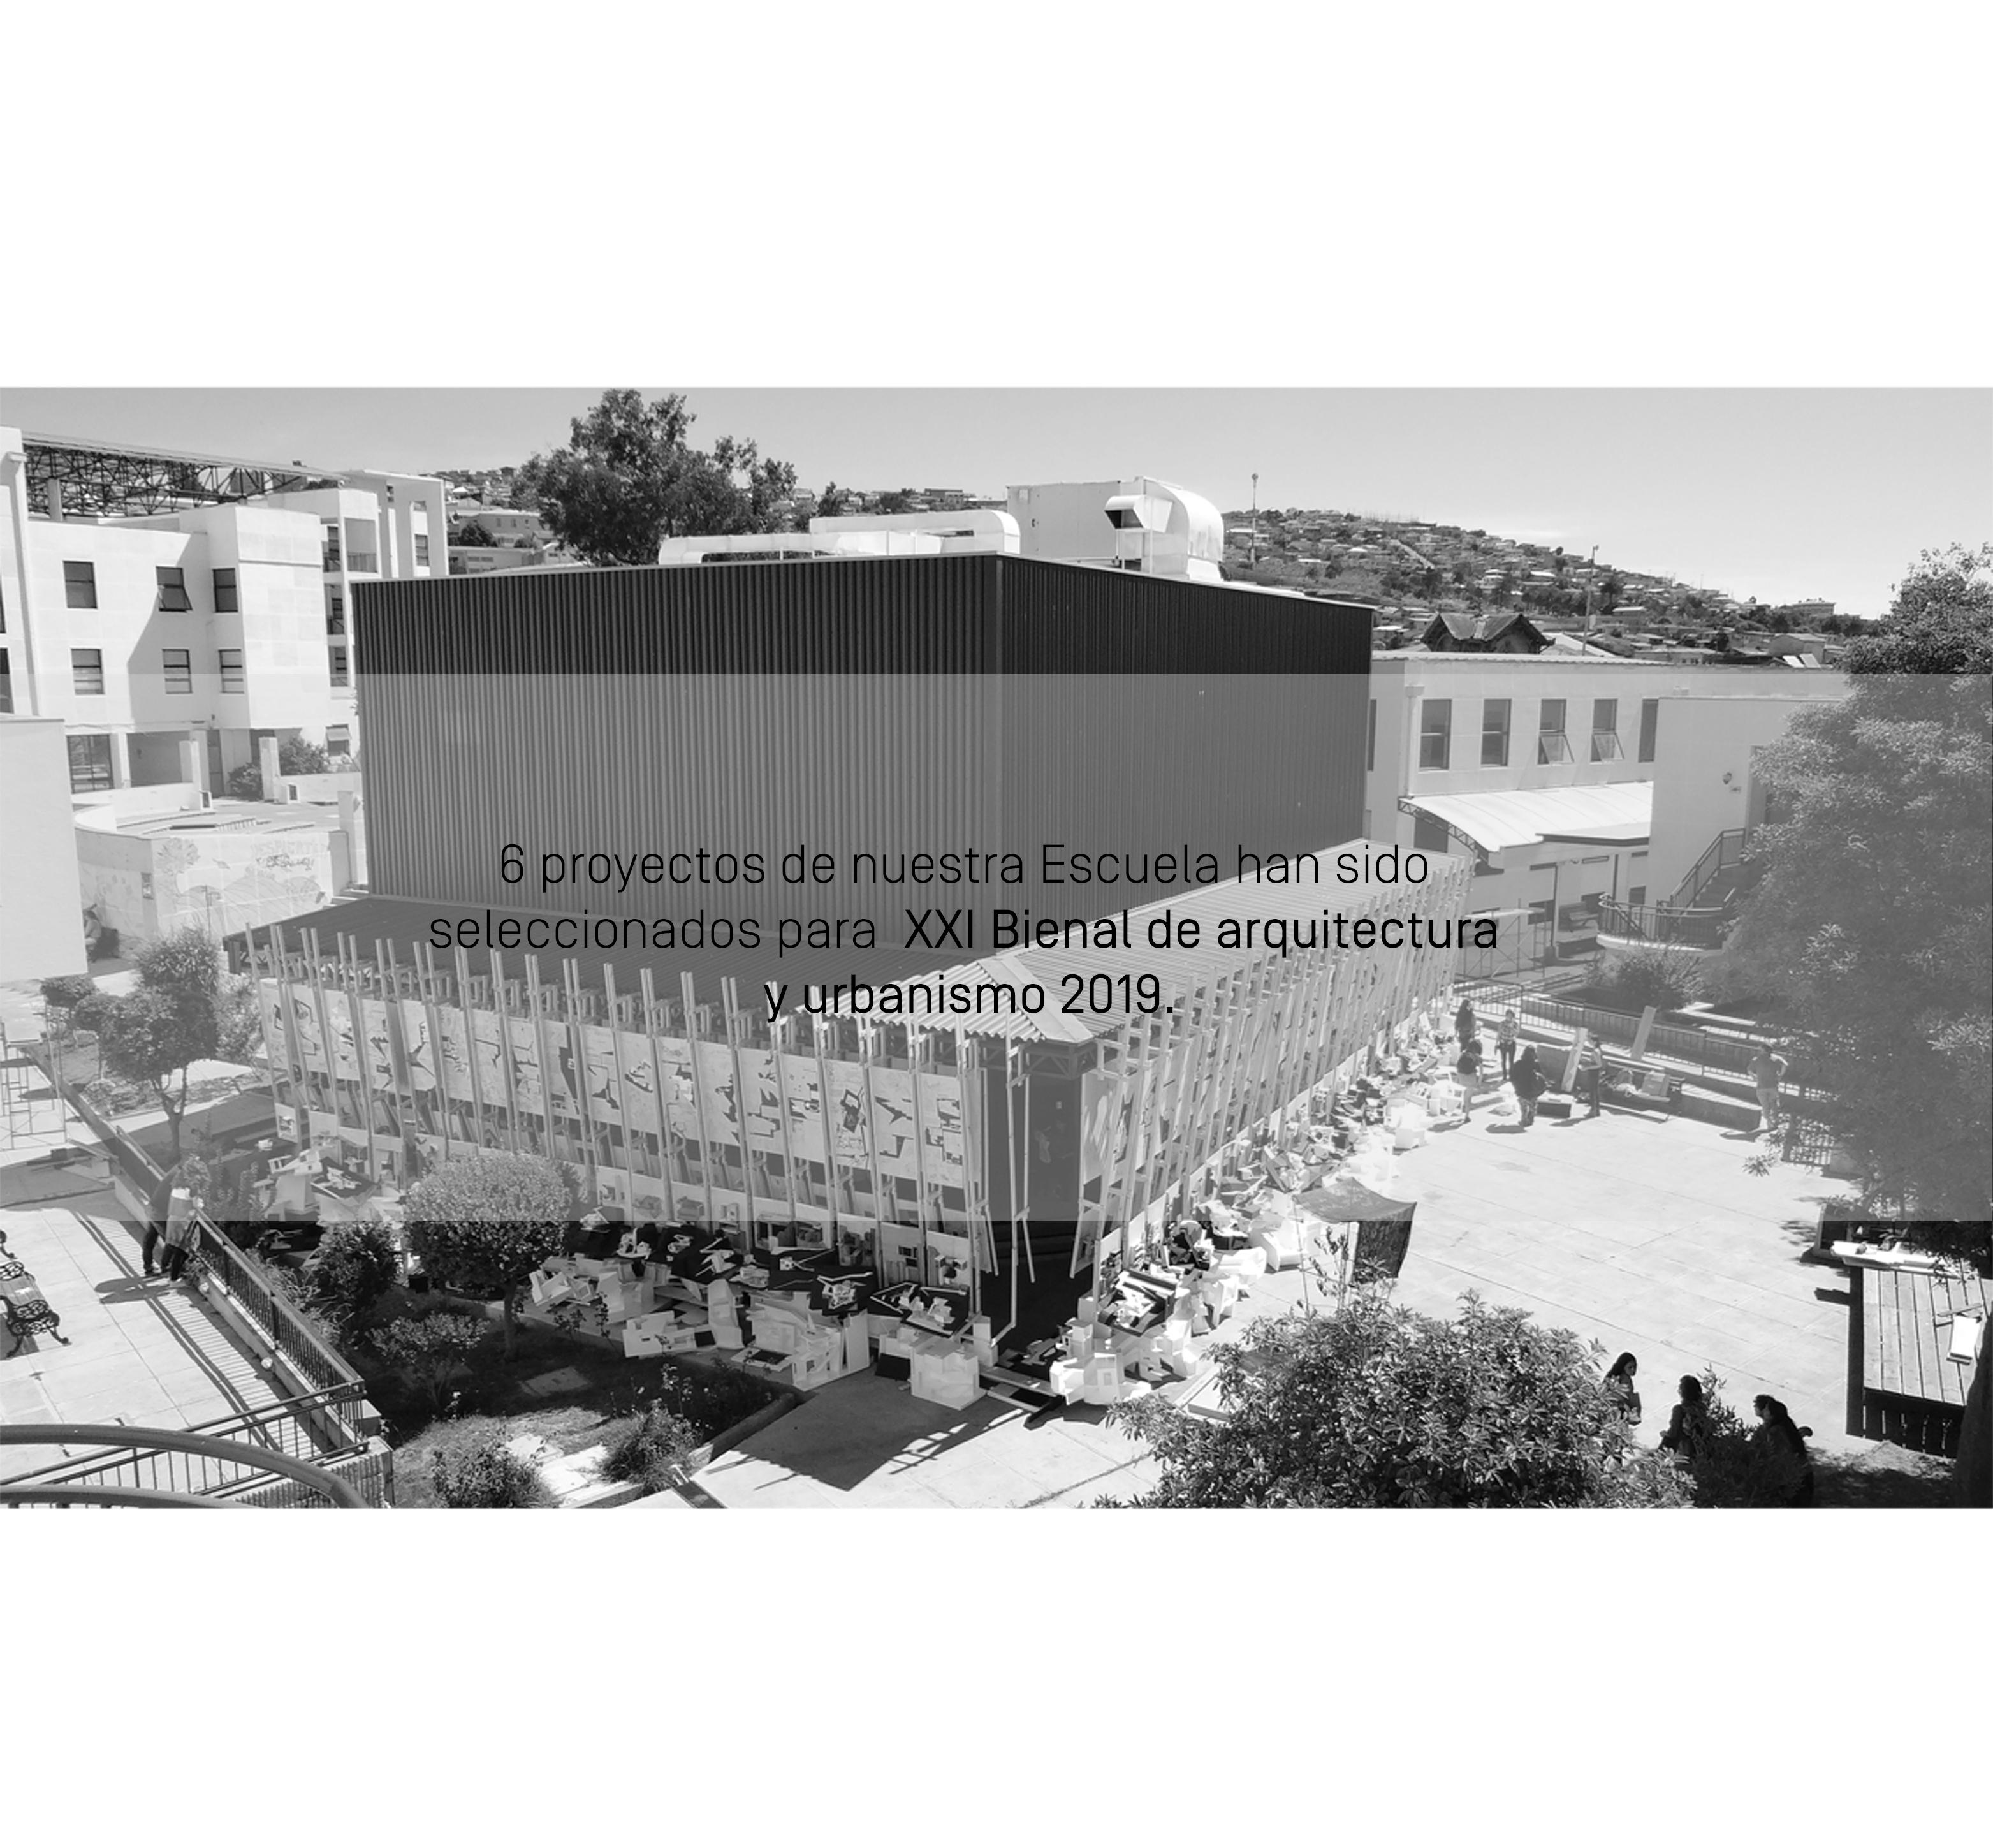 6 proyectos de nuestra Escuela han sido seleccionados para la XXI Bienal de arquitectura y urbanismo 2019.